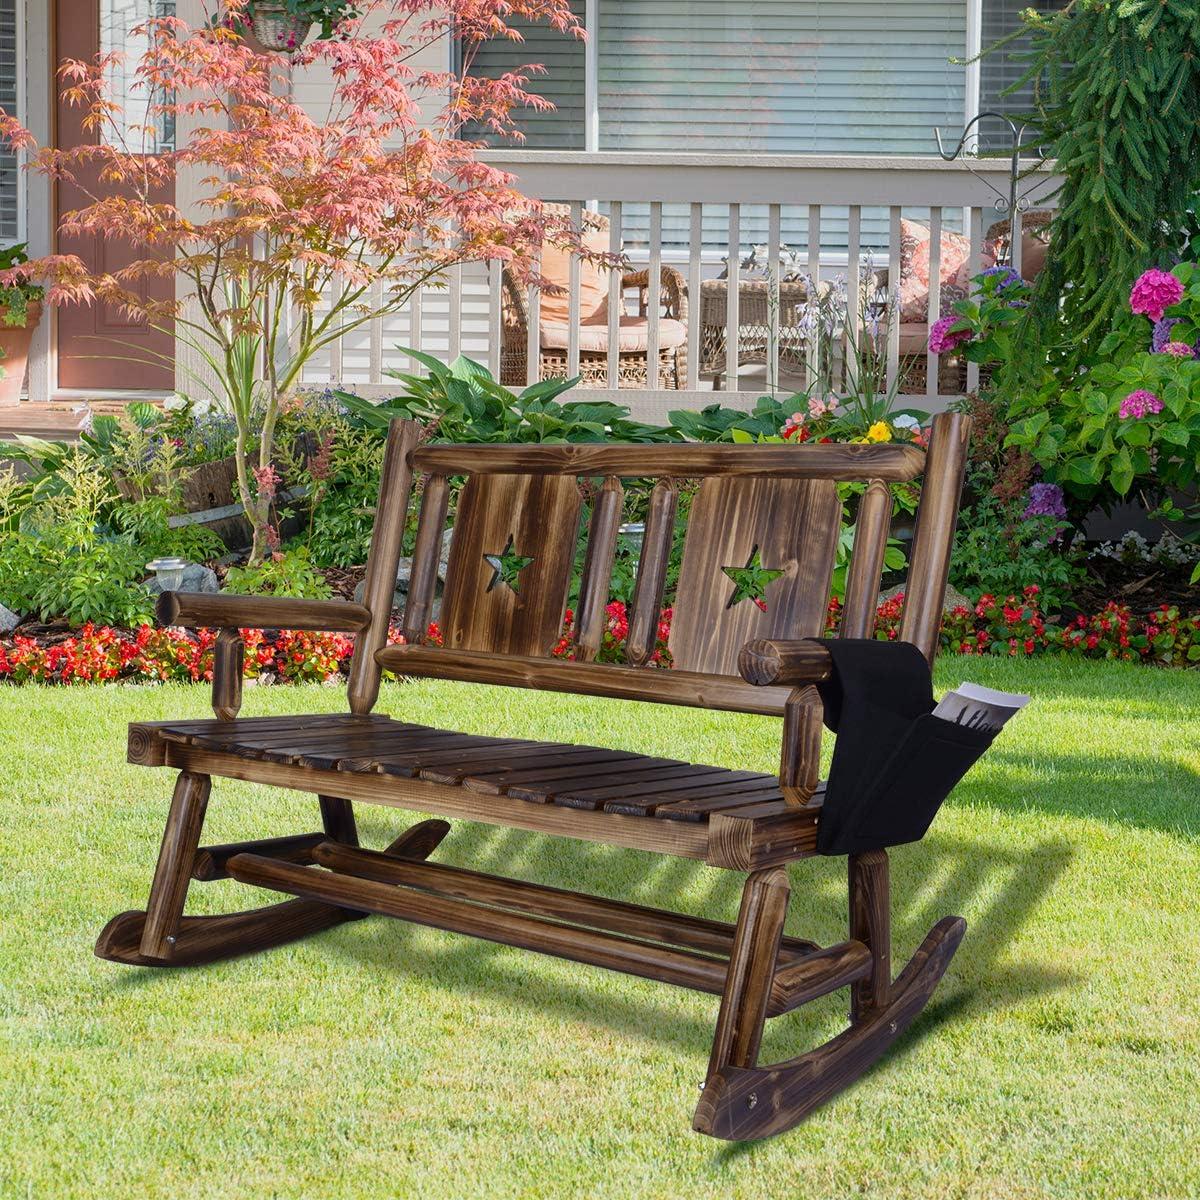 XCSOURCE Mecedora de Madera rústica para Exteriores, sillas de Porche 100% Madera Maciza Natural para salón, Patio, terraza, balcón, Muebles rústicos, Mecedora única para el hogar y el jardín: Amazon.es: Jardín